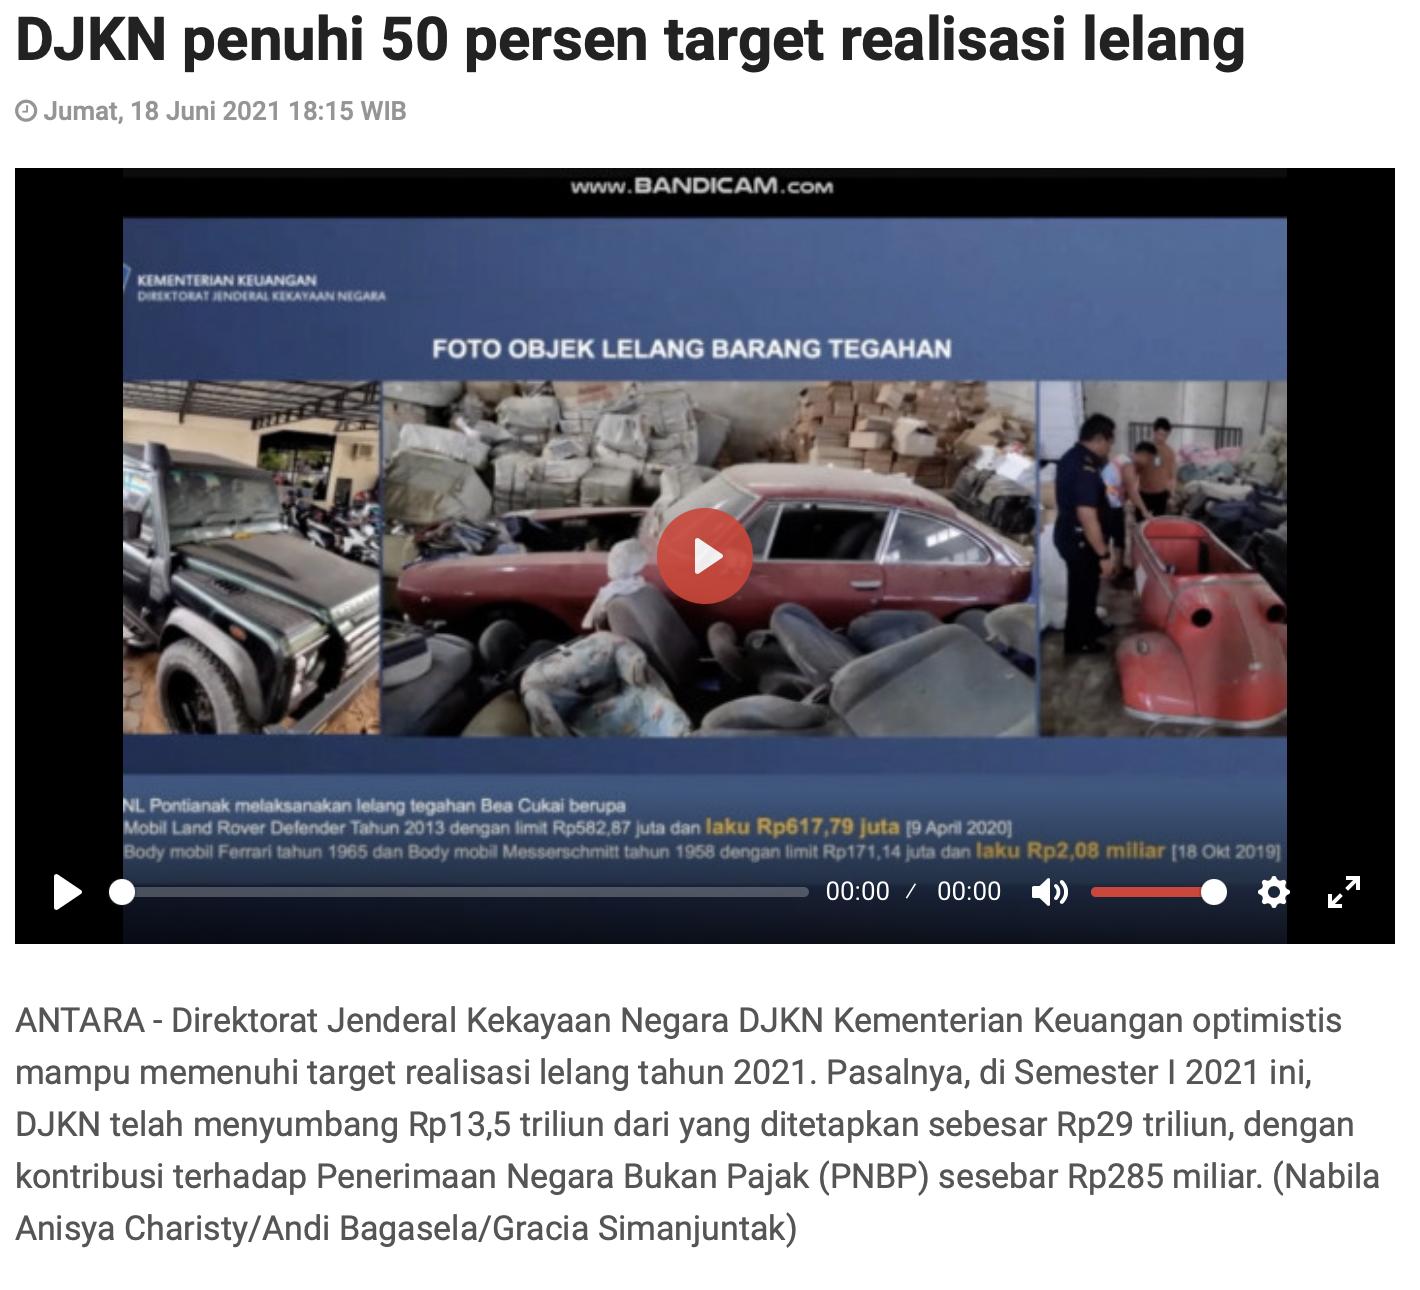 DJKN penuhi 50 persen target realisasi lelang